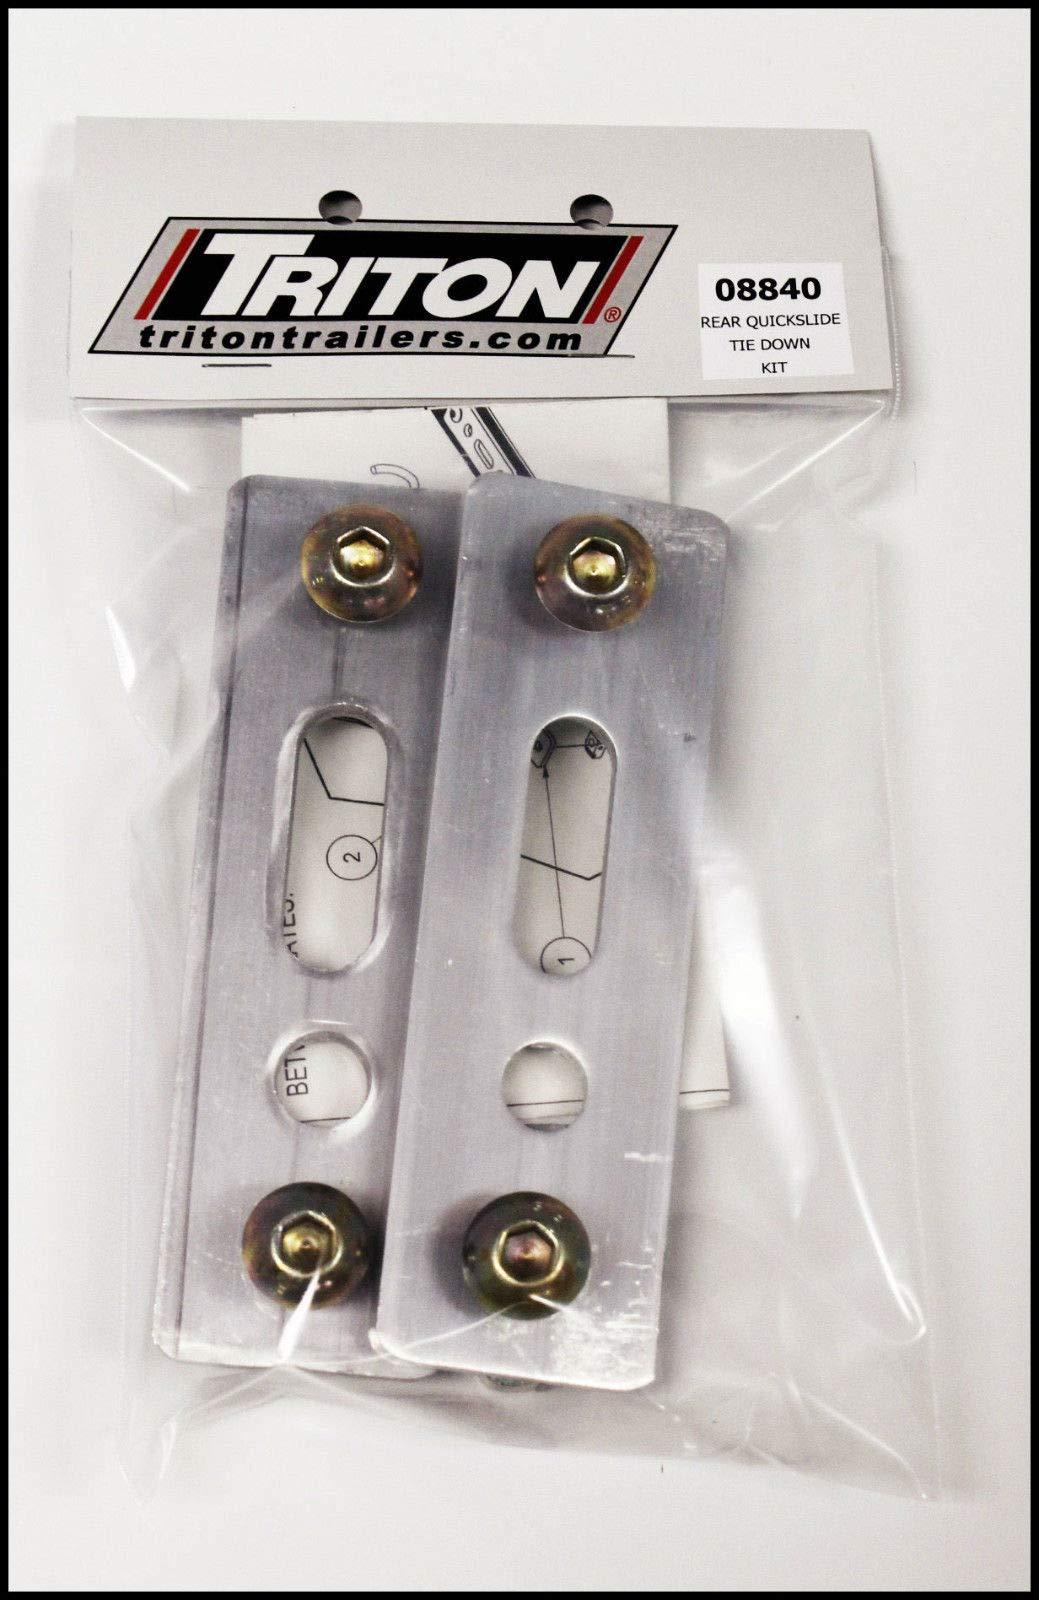 Includes 8 Tie Downs Triton 10809 Combo Companion Kit